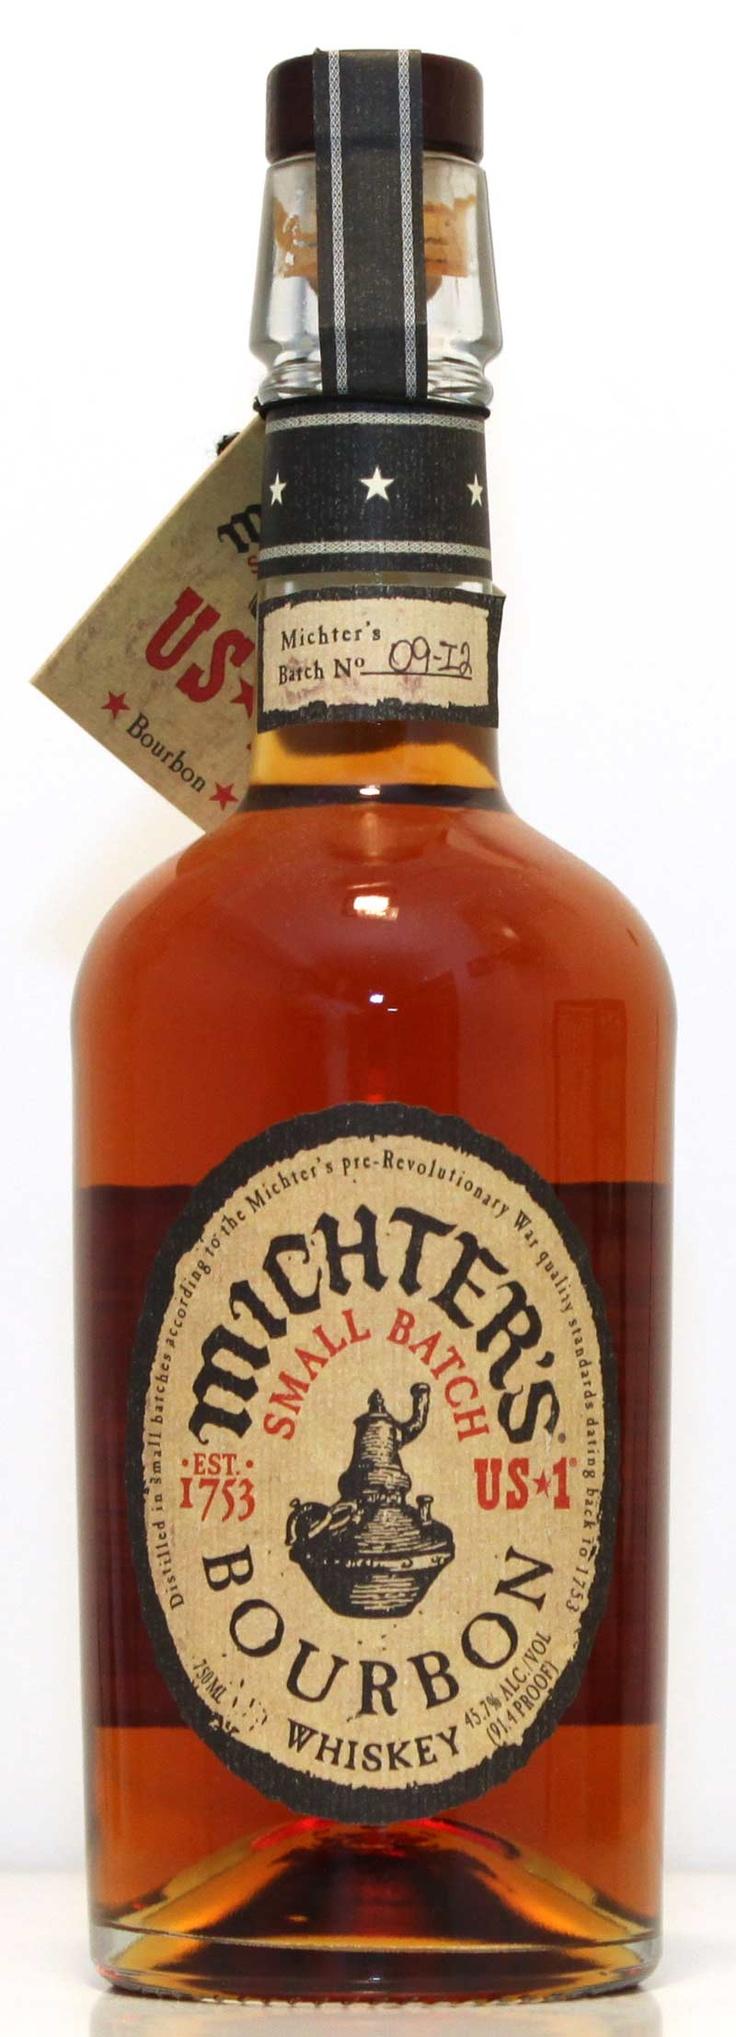 Michters US#1 Bourbon.